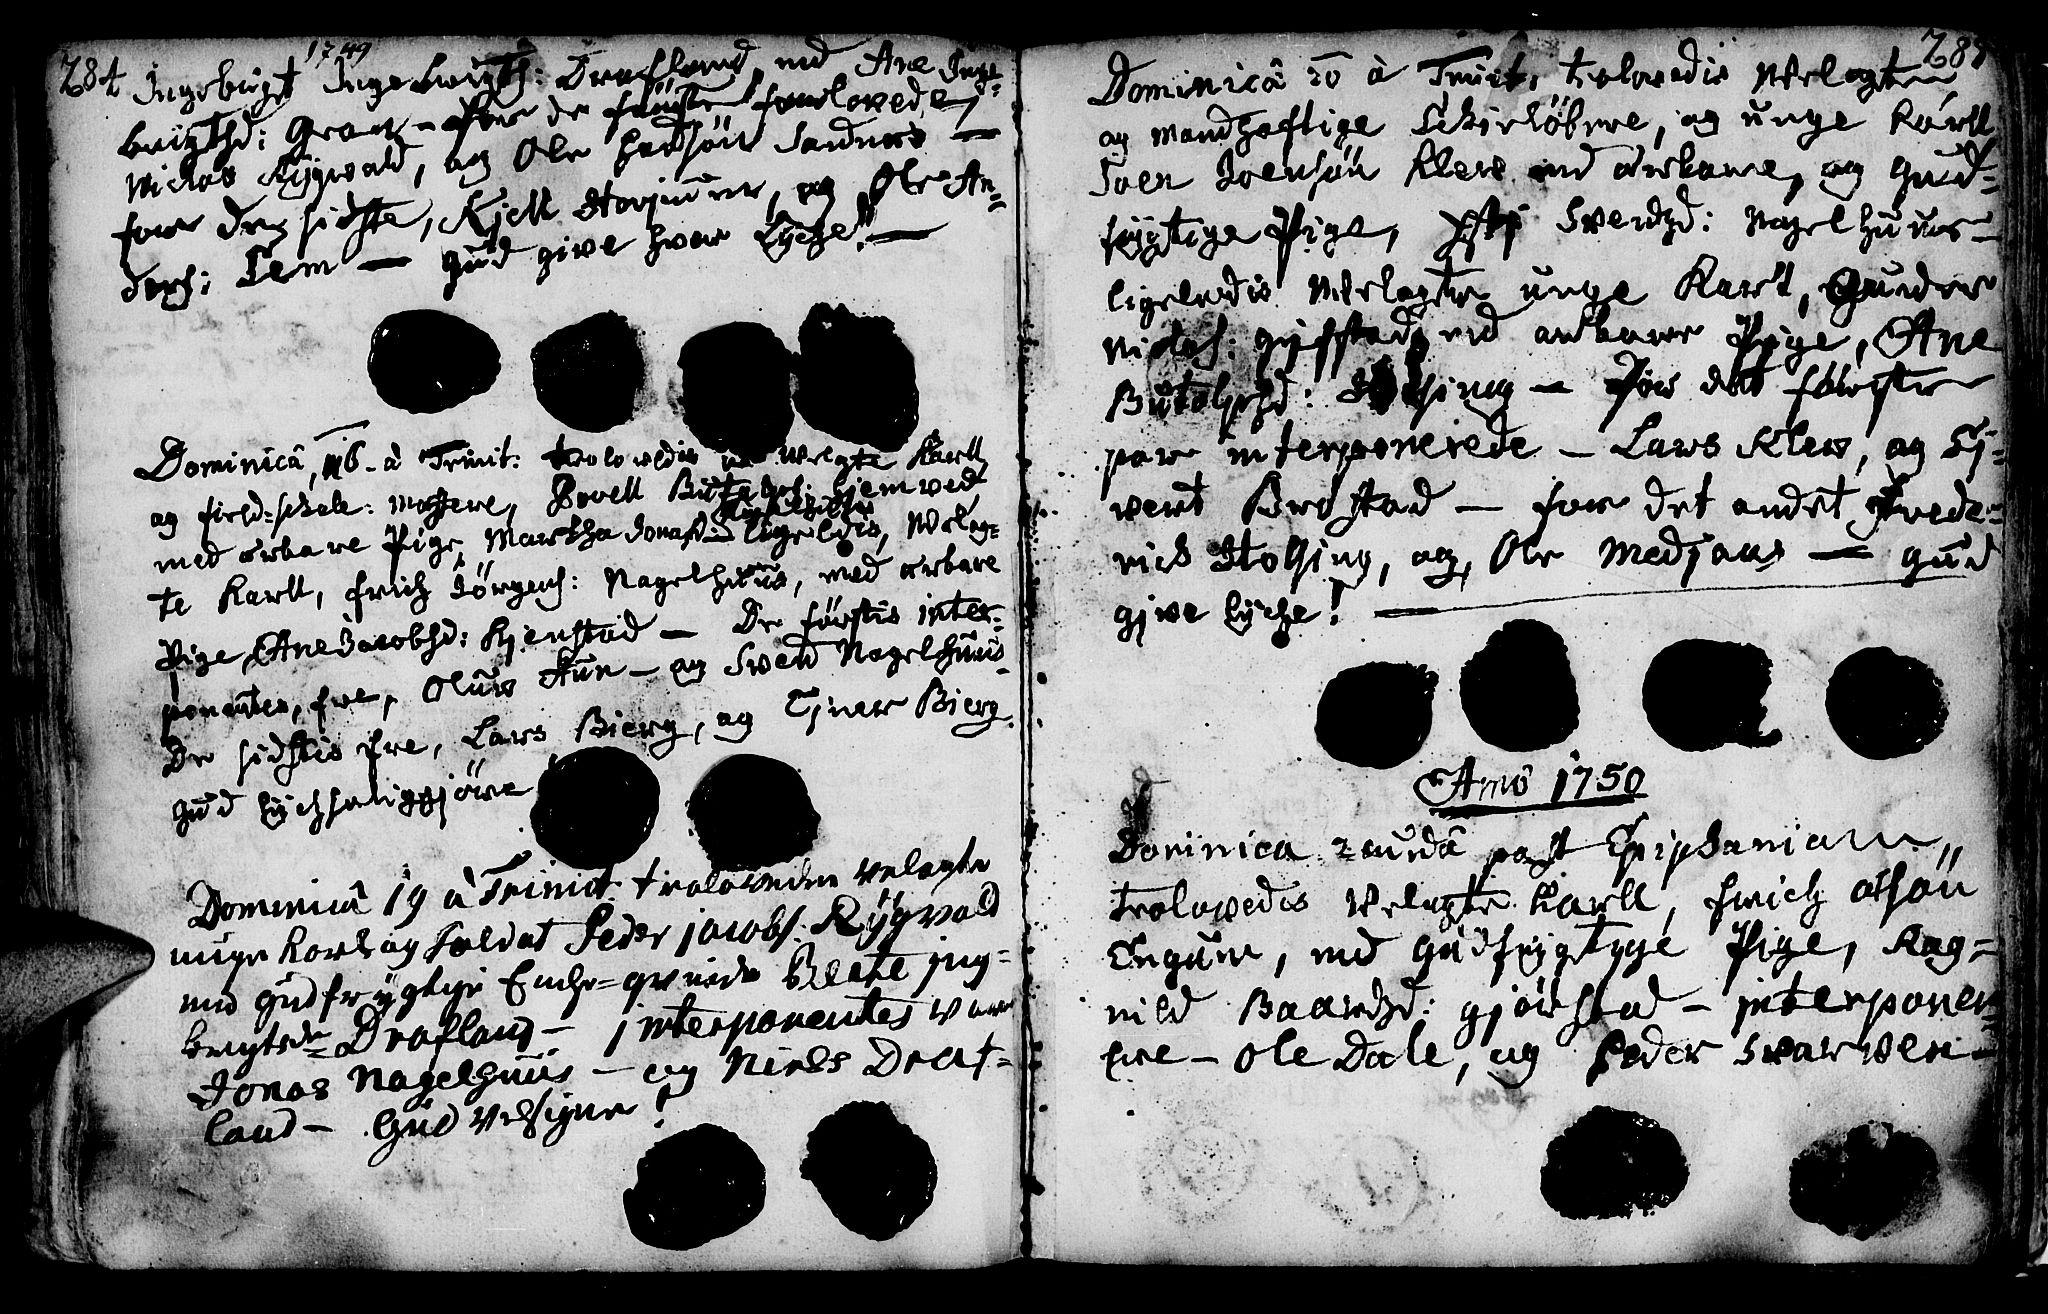 SAT, Ministerialprotokoller, klokkerbøker og fødselsregistre - Nord-Trøndelag, 749/L0467: Ministerialbok nr. 749A01, 1733-1787, s. 284-285